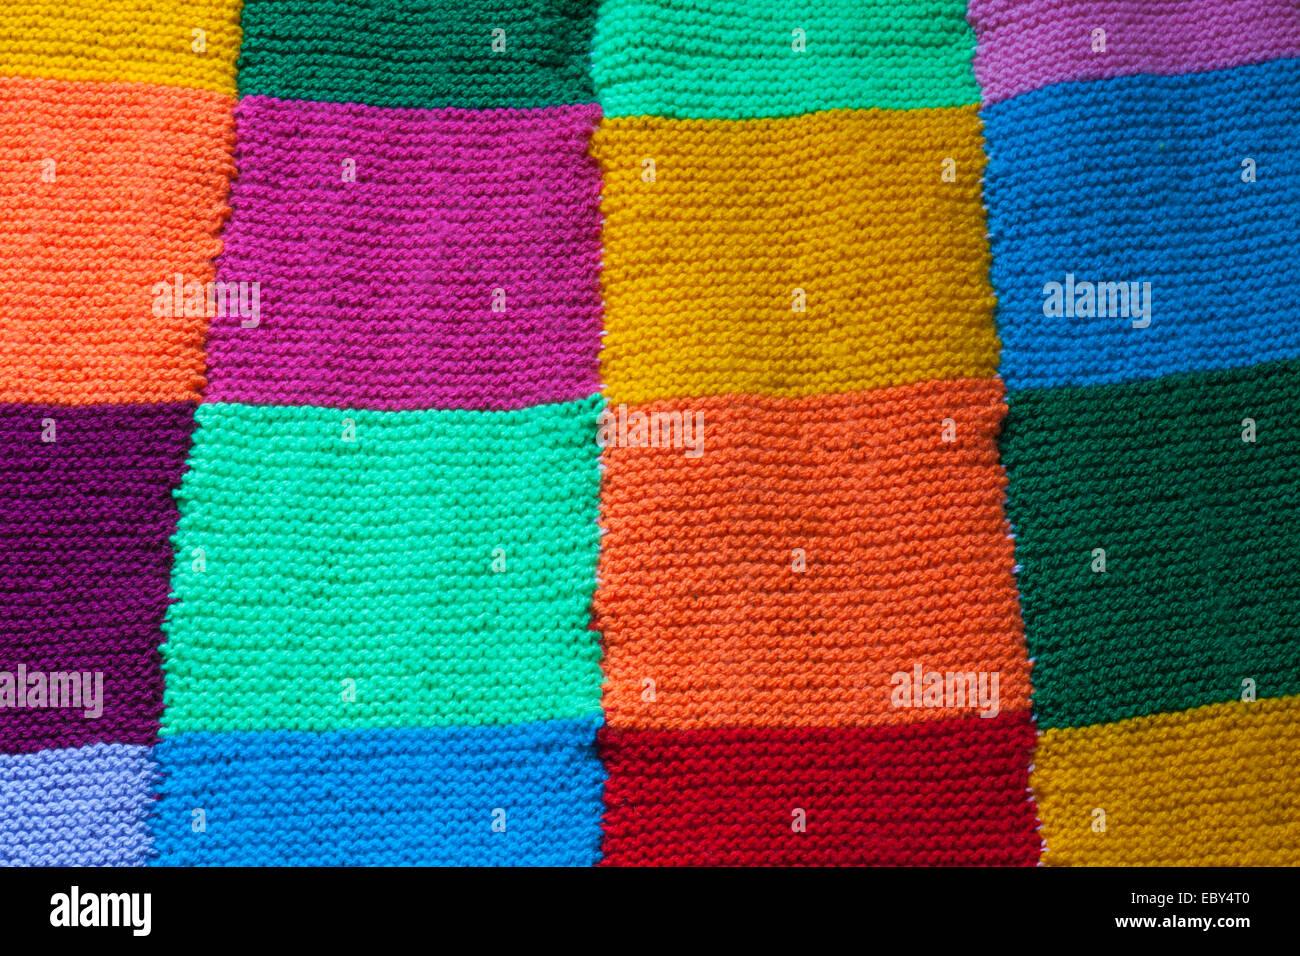 farbenfrohe gestrickte quadrate um eine decke zusammengen ht stockfoto bild 76199200 alamy. Black Bedroom Furniture Sets. Home Design Ideas